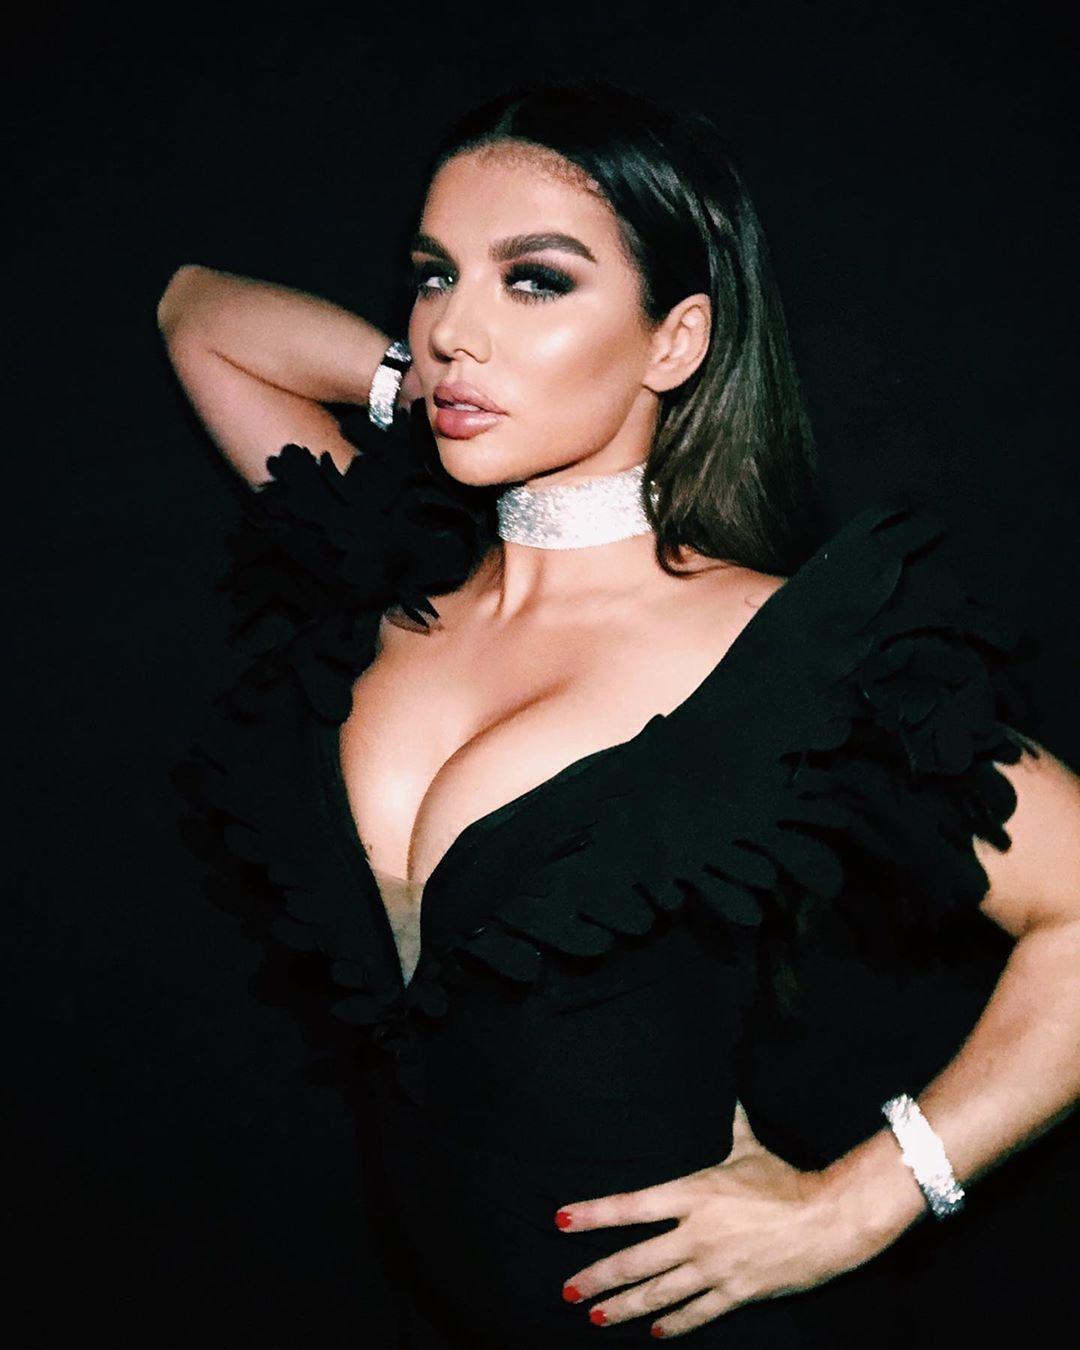 Седокова позировала в черном облегающем платье / Instagram Анна Седокова